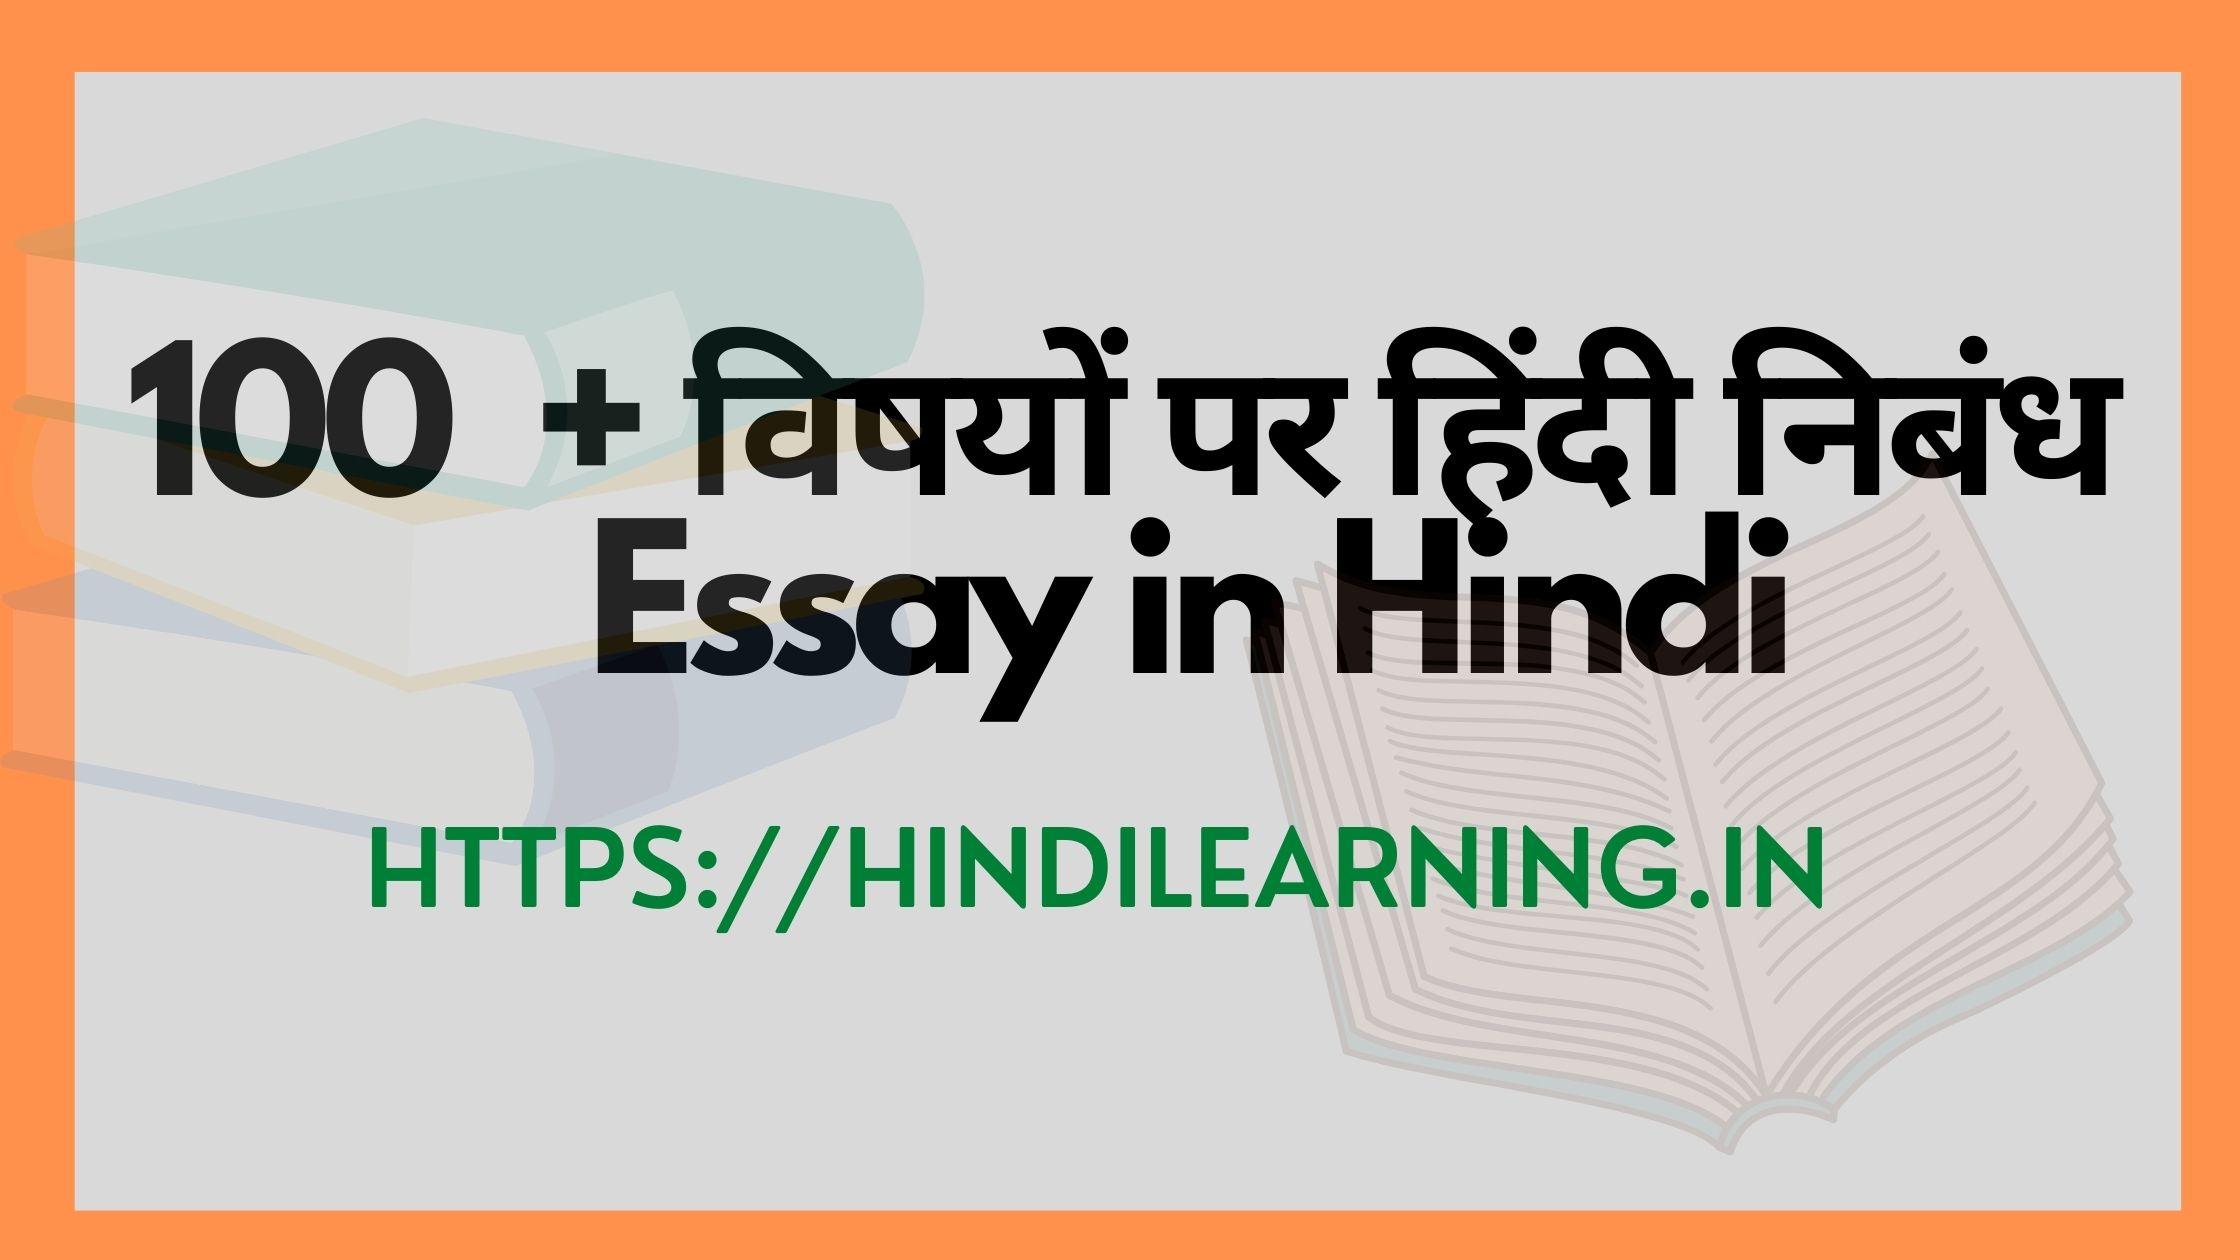 Essay in Hindi - हिन्दी निबंध